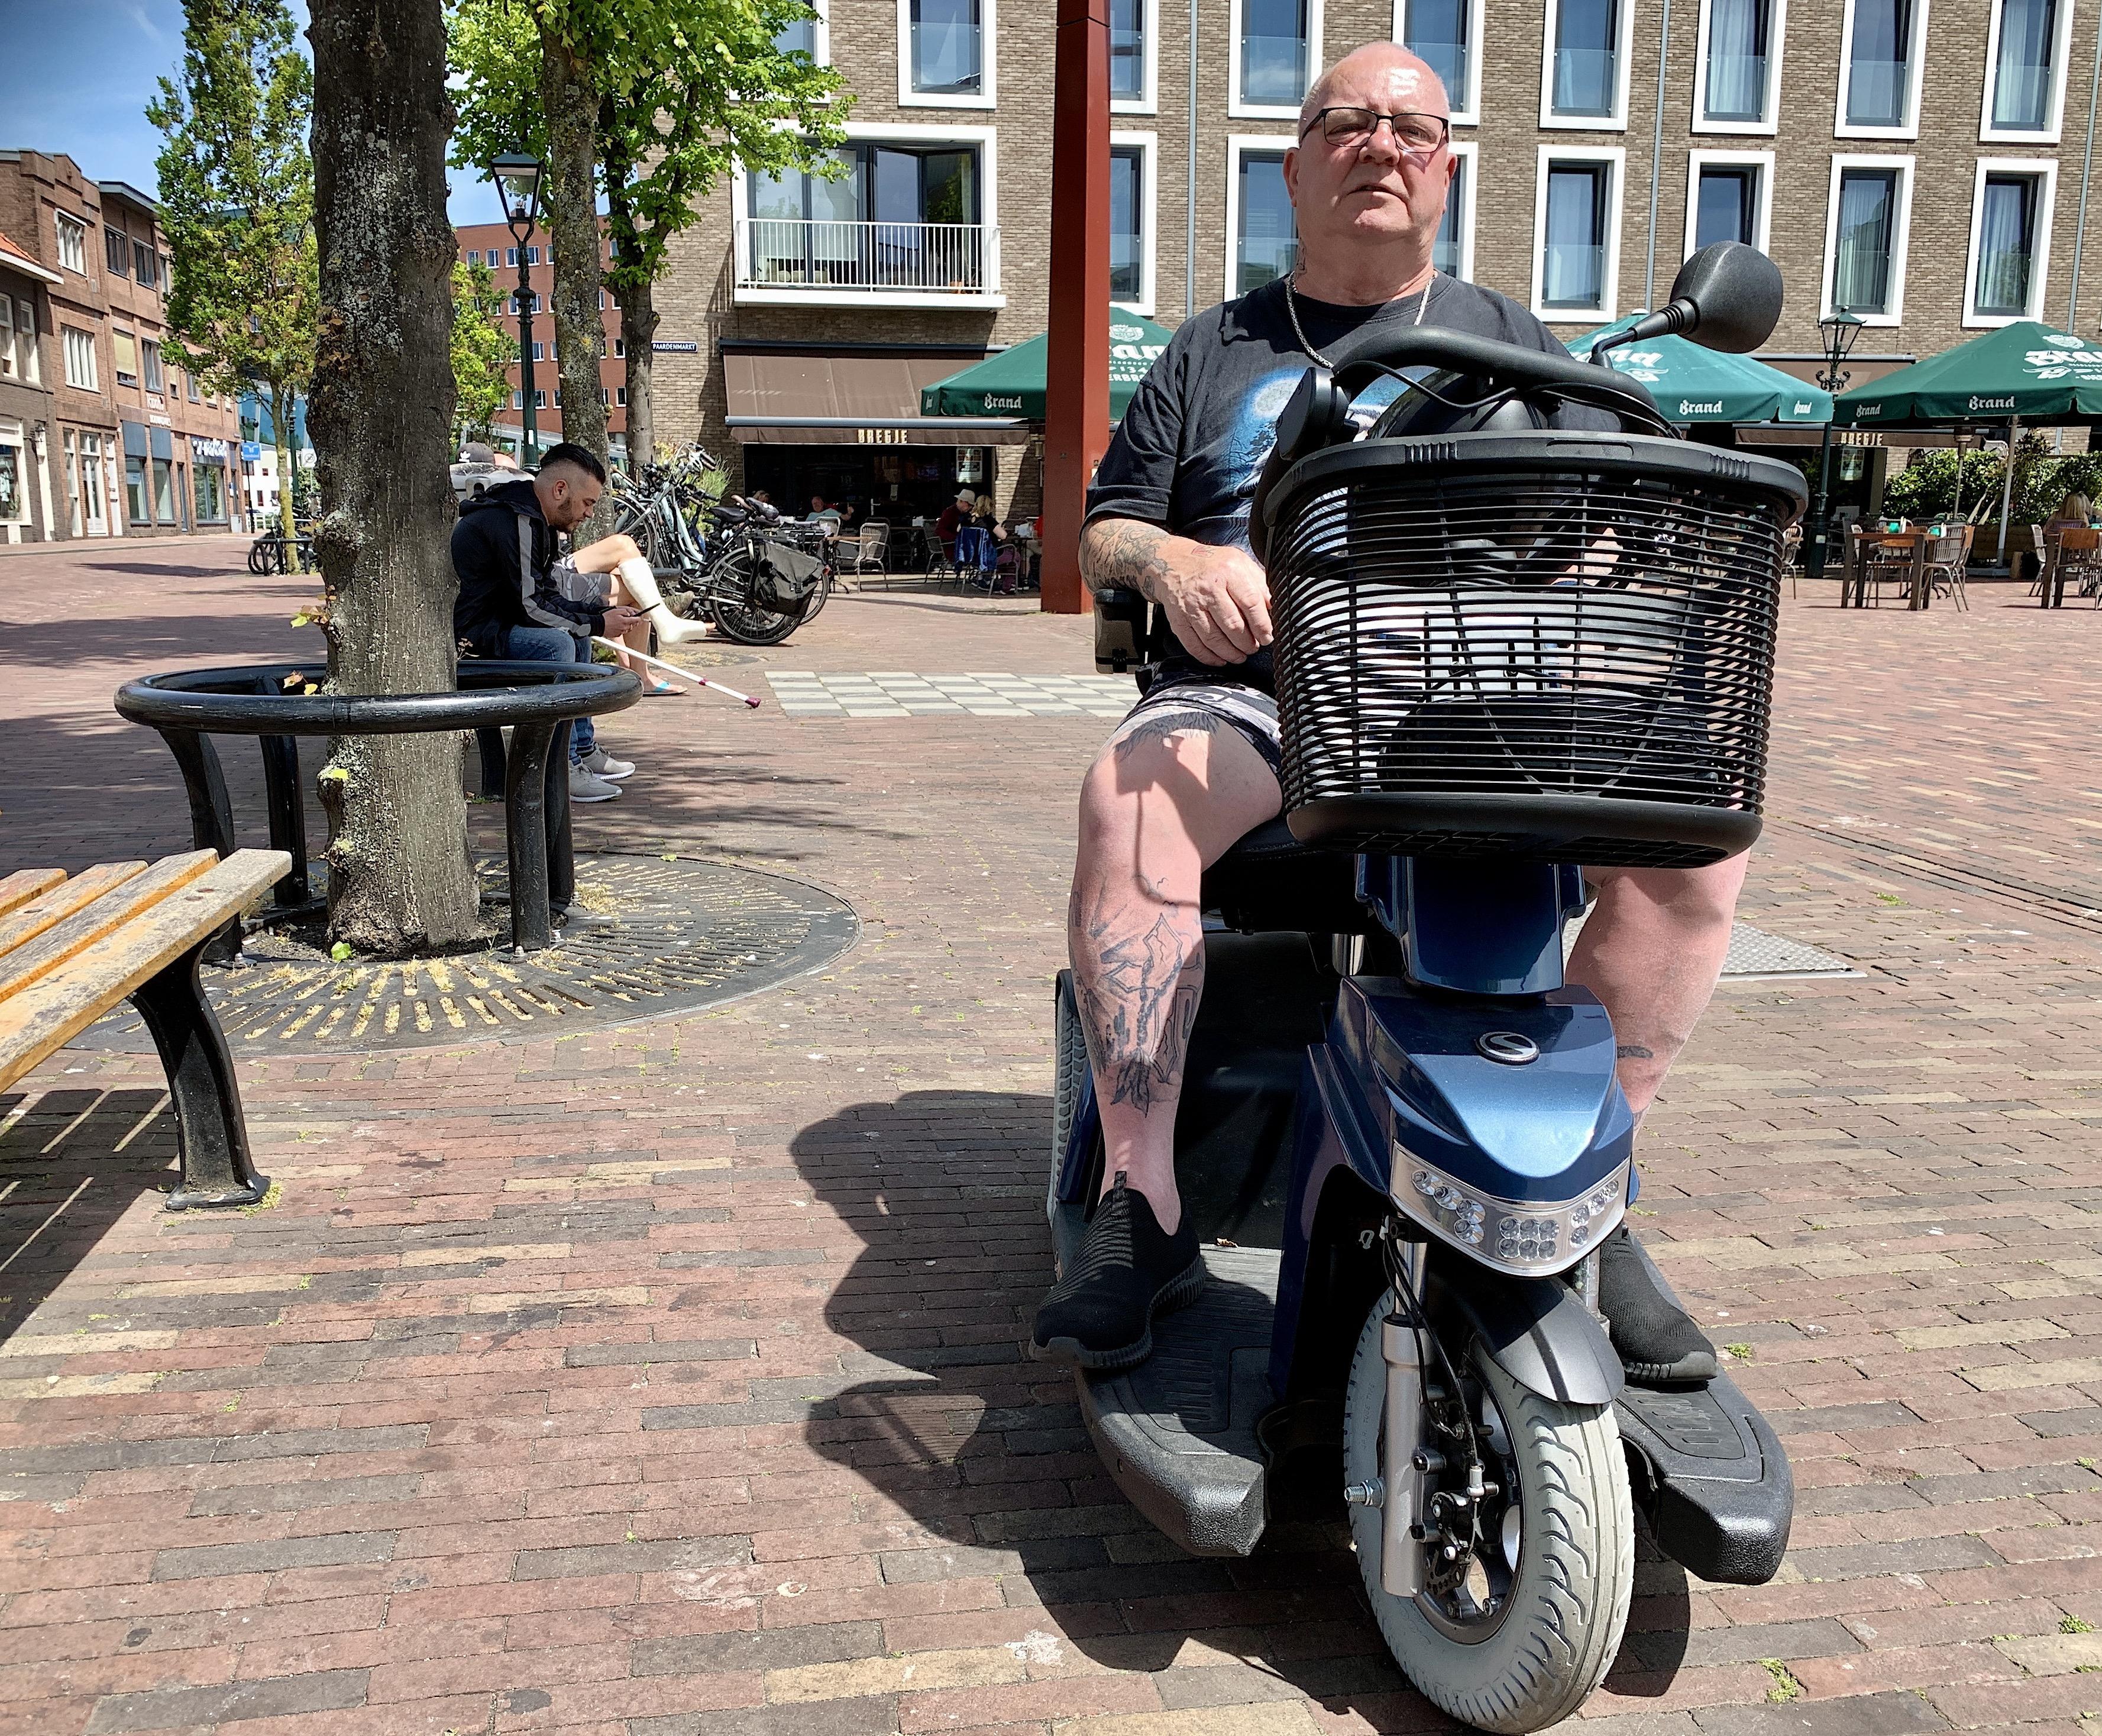 ,,Drie keer zat ik naast Onze Lieve Heer'', vertelt ex-alcoholverslaafde Gerrit (67) uit Alkmaar. ,,Hij vroeg: wat wil je nou eigenlijk? Hier blijven, of naar beneden?''